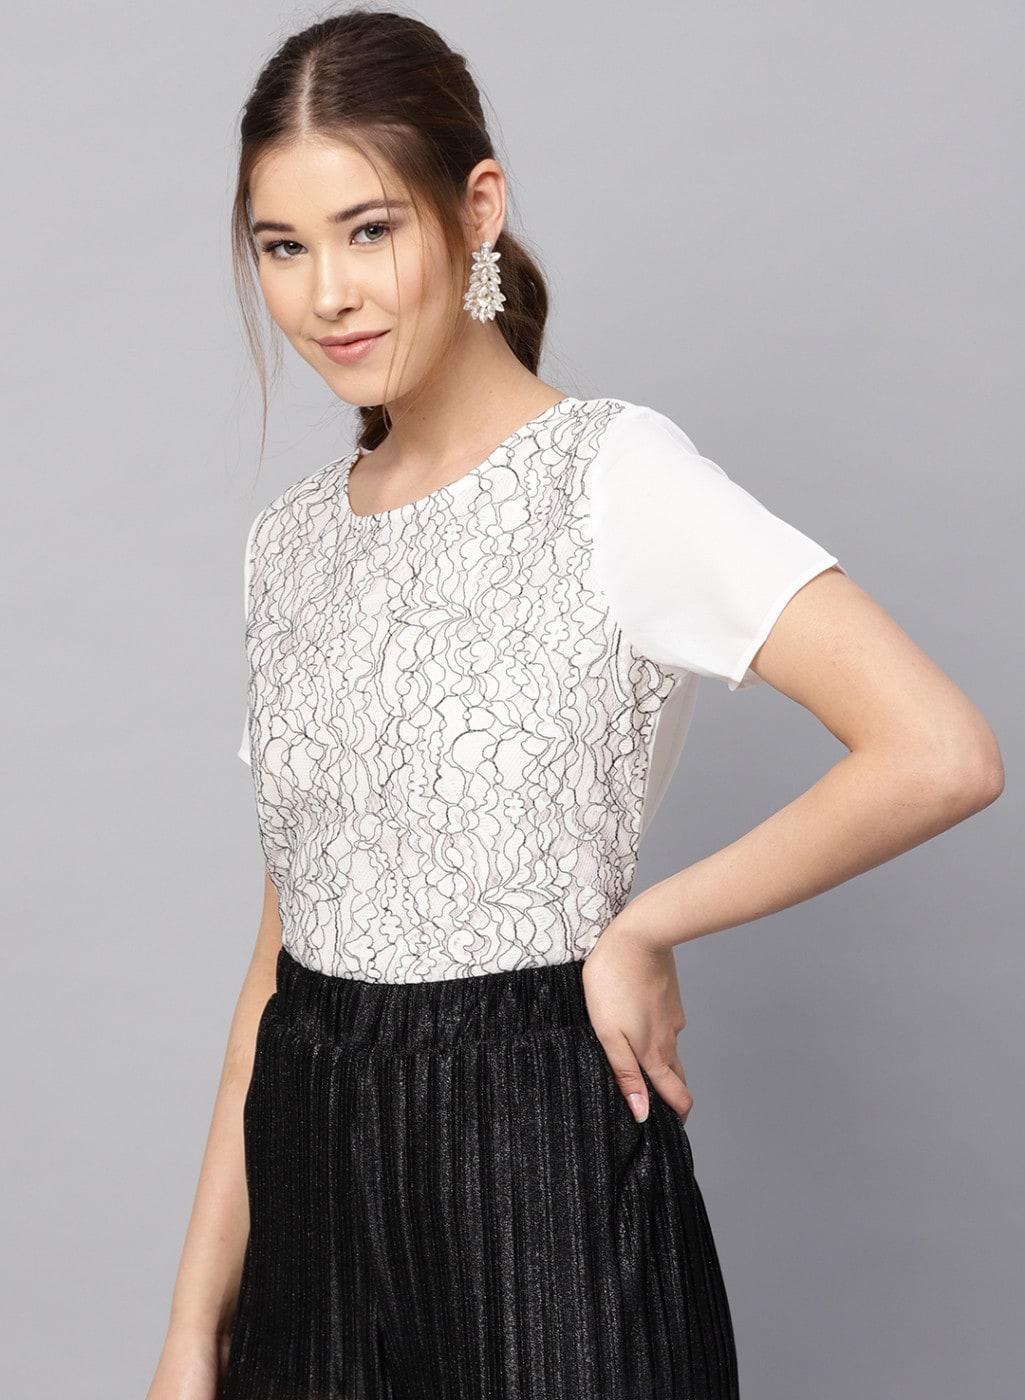 df10d4477e591a White Women Tops Kazo 20dresses - Buy White Women Tops Kazo 20dresses  online in India - Jabong